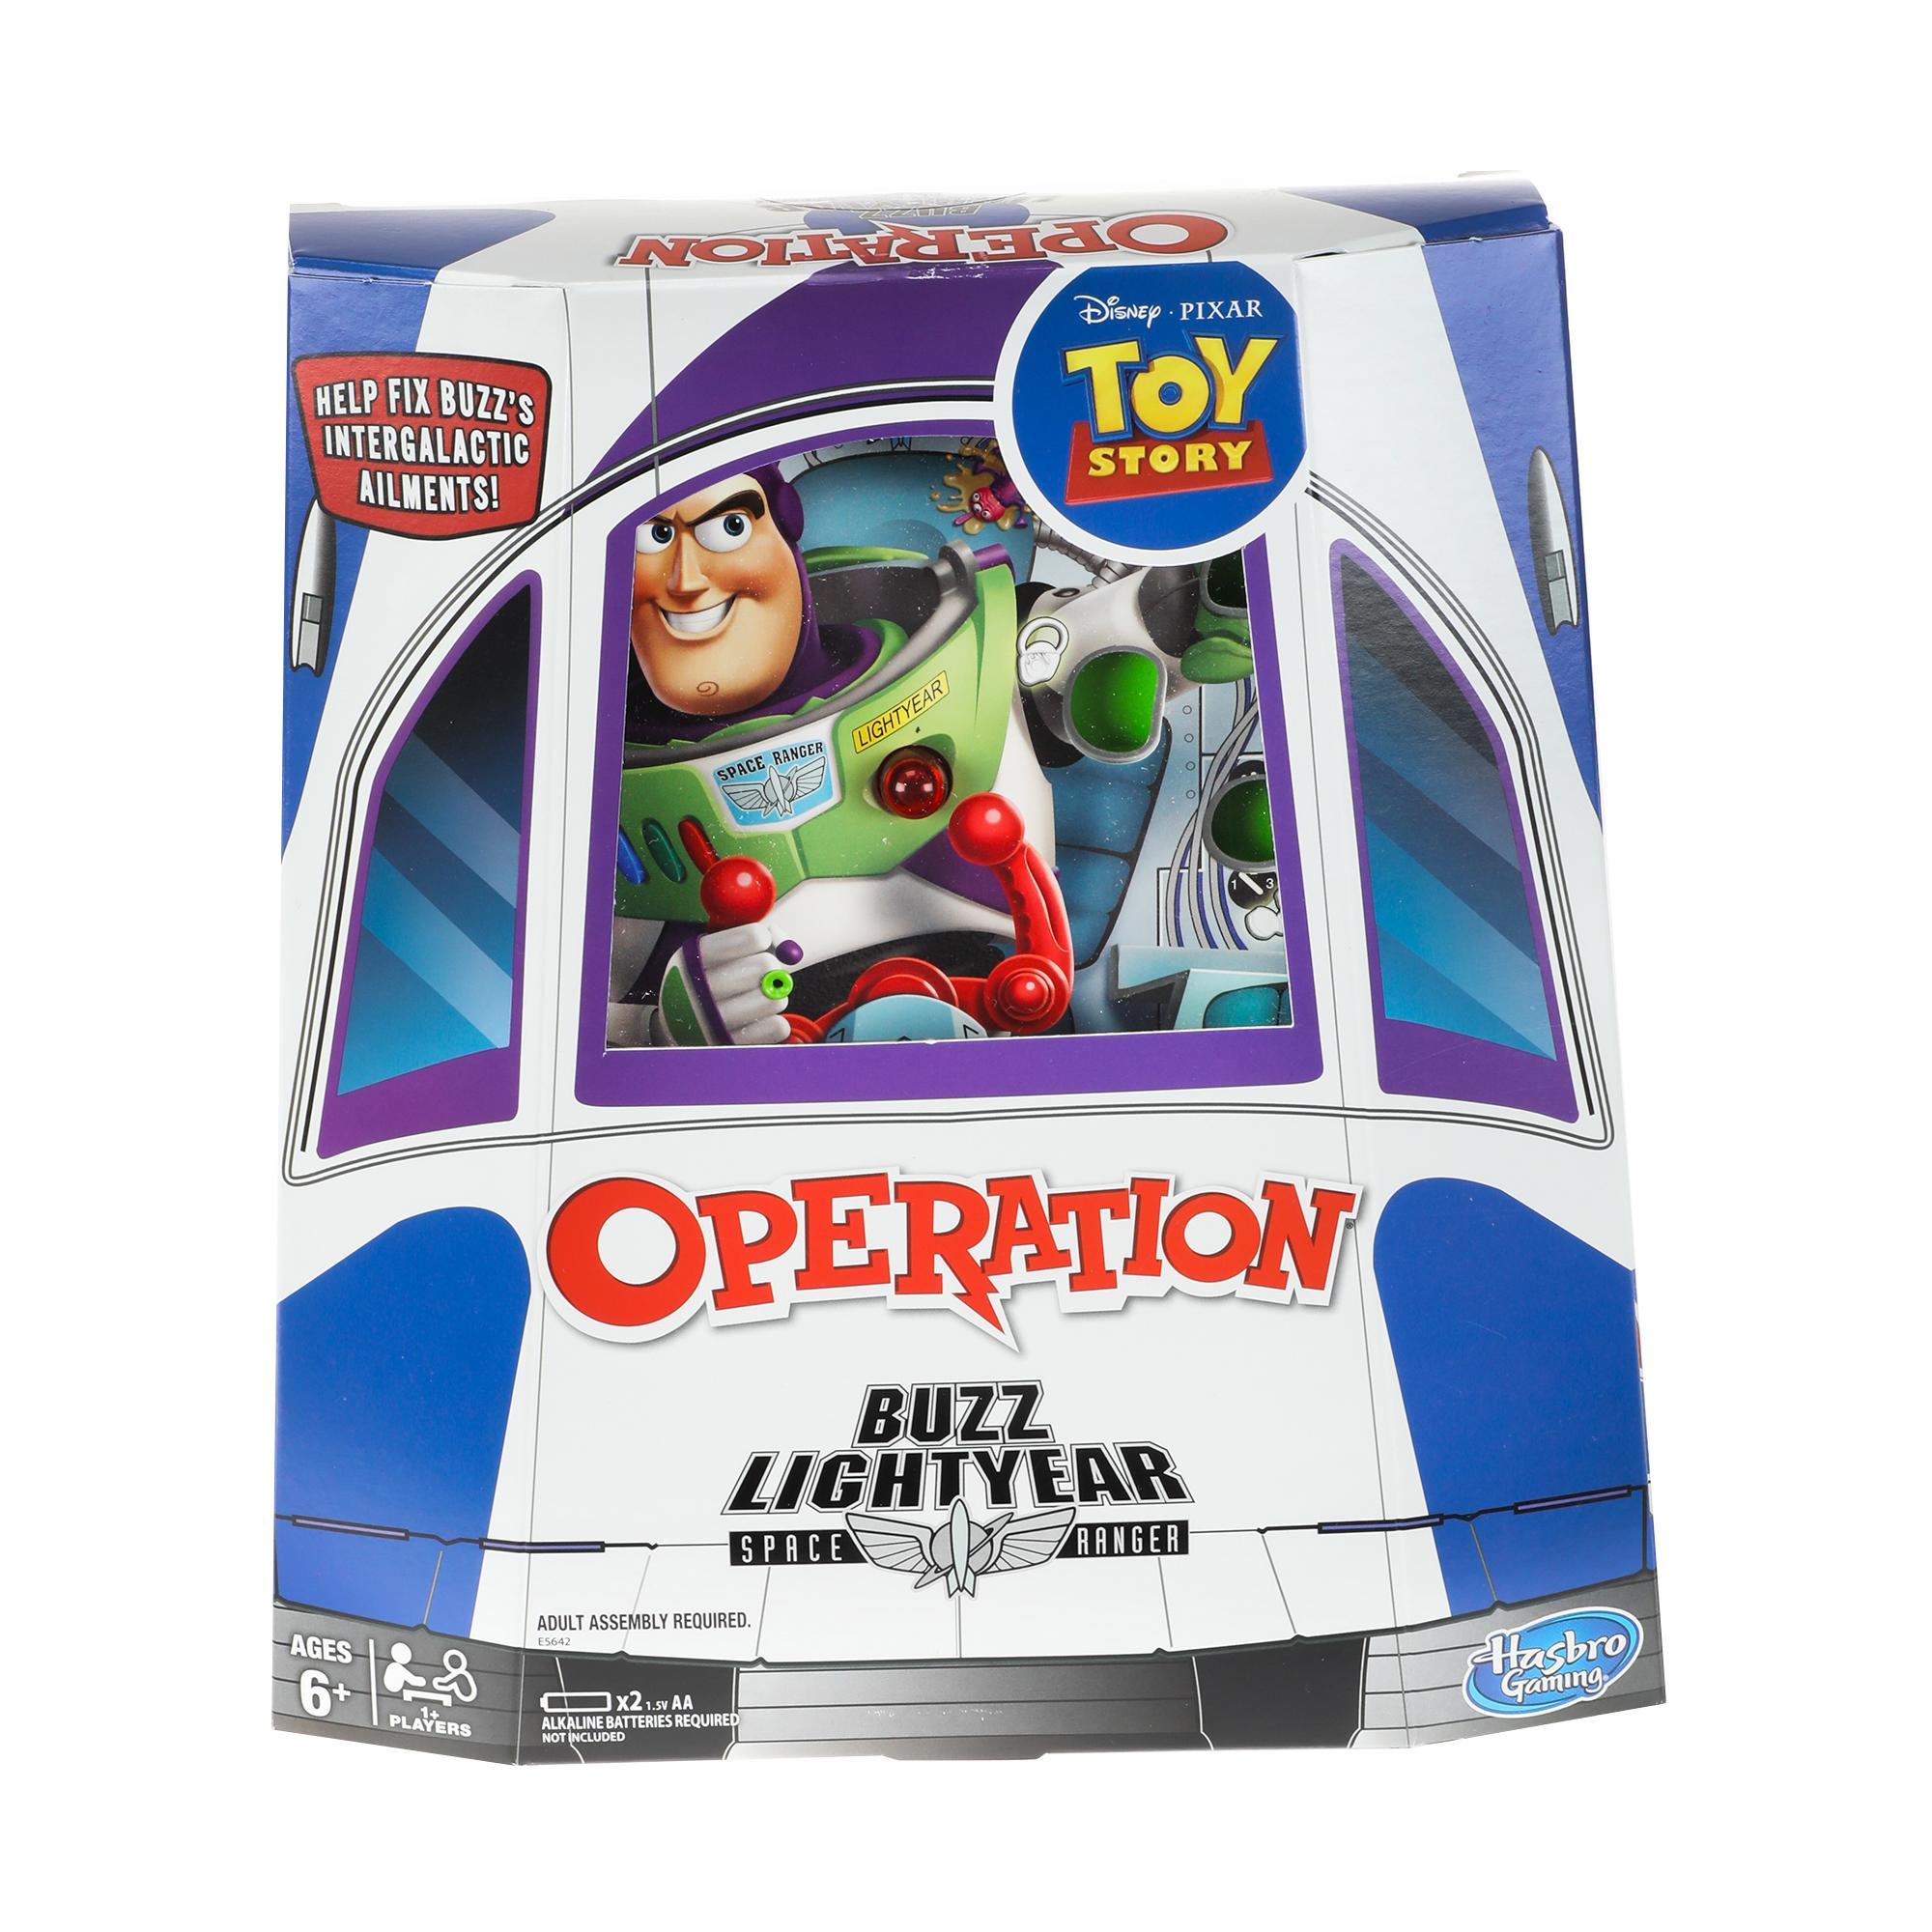 Operation: Disney/Pixar Toy Story Buzz Lightyear - Juego de mesa recomendado para niños de 6 años en adelante